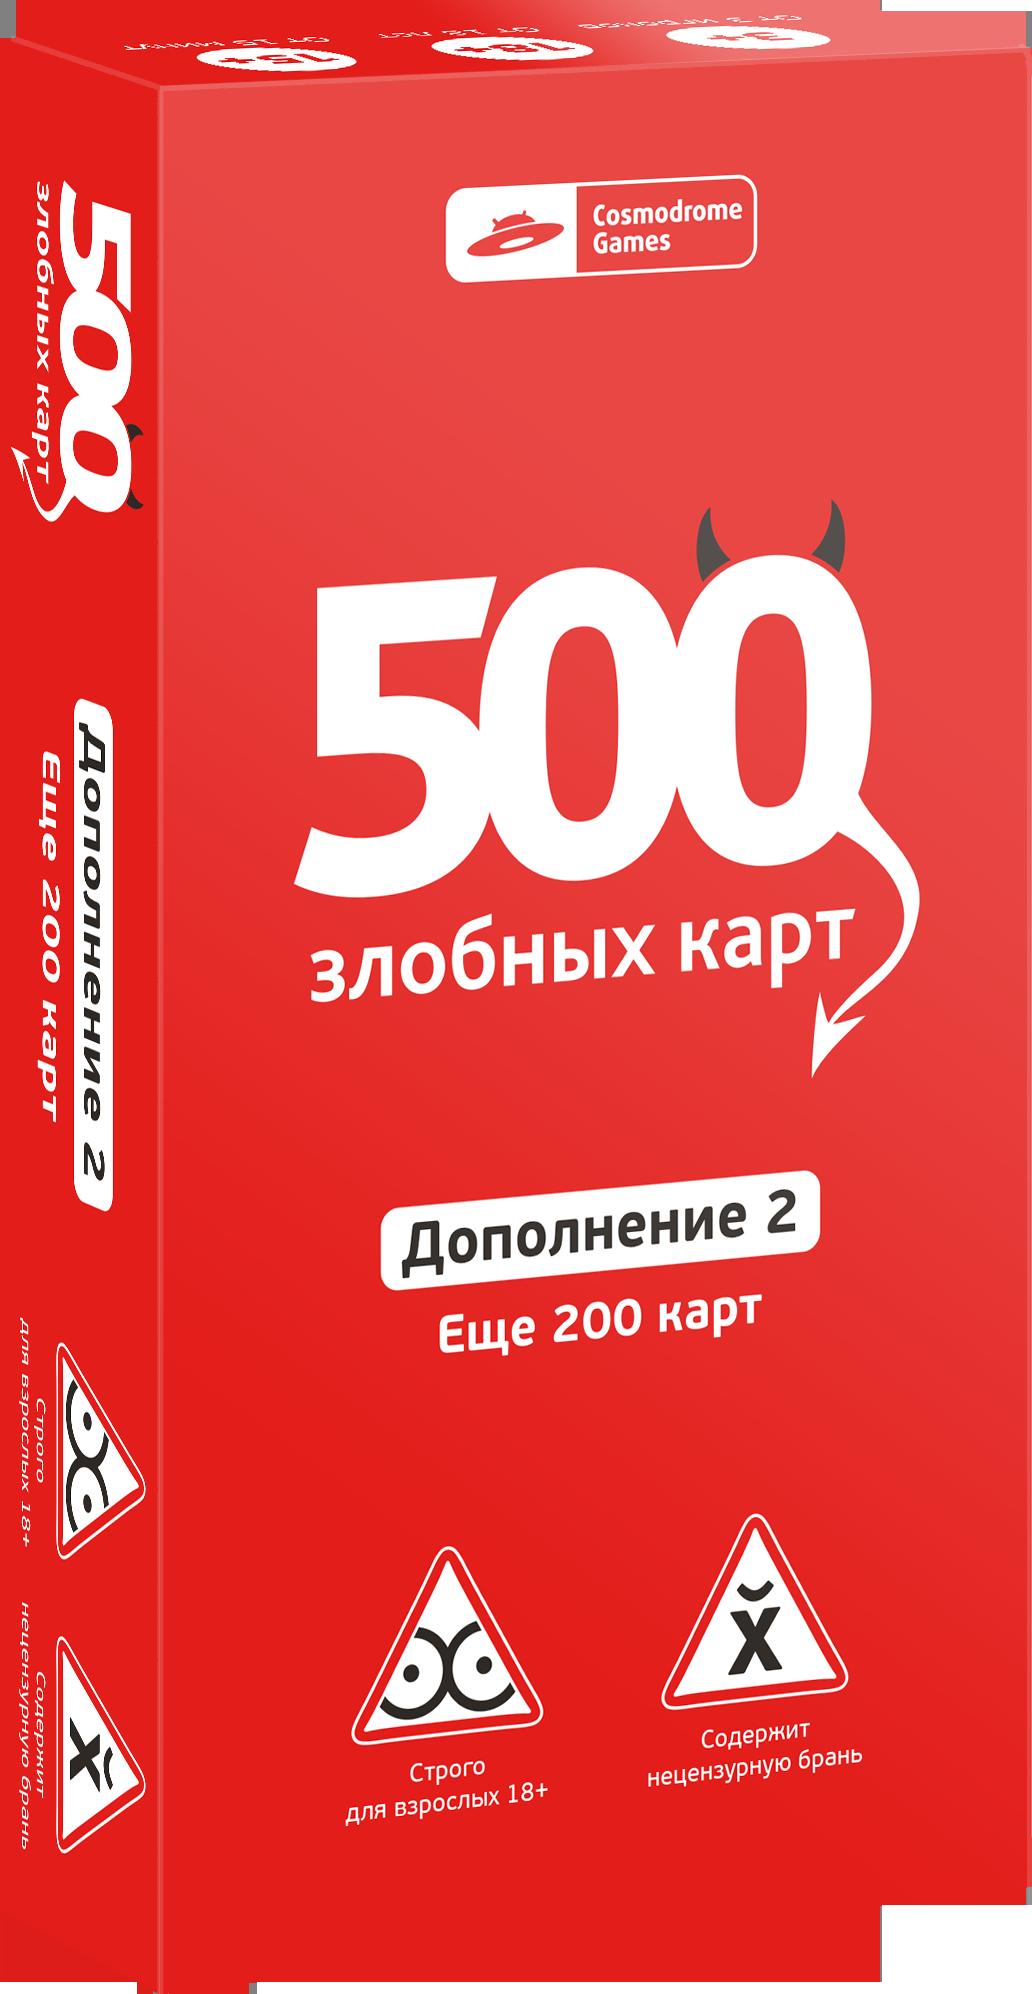 Настольная игра 500 злобных карт: Дополнение 2 – Еще 200 карт.